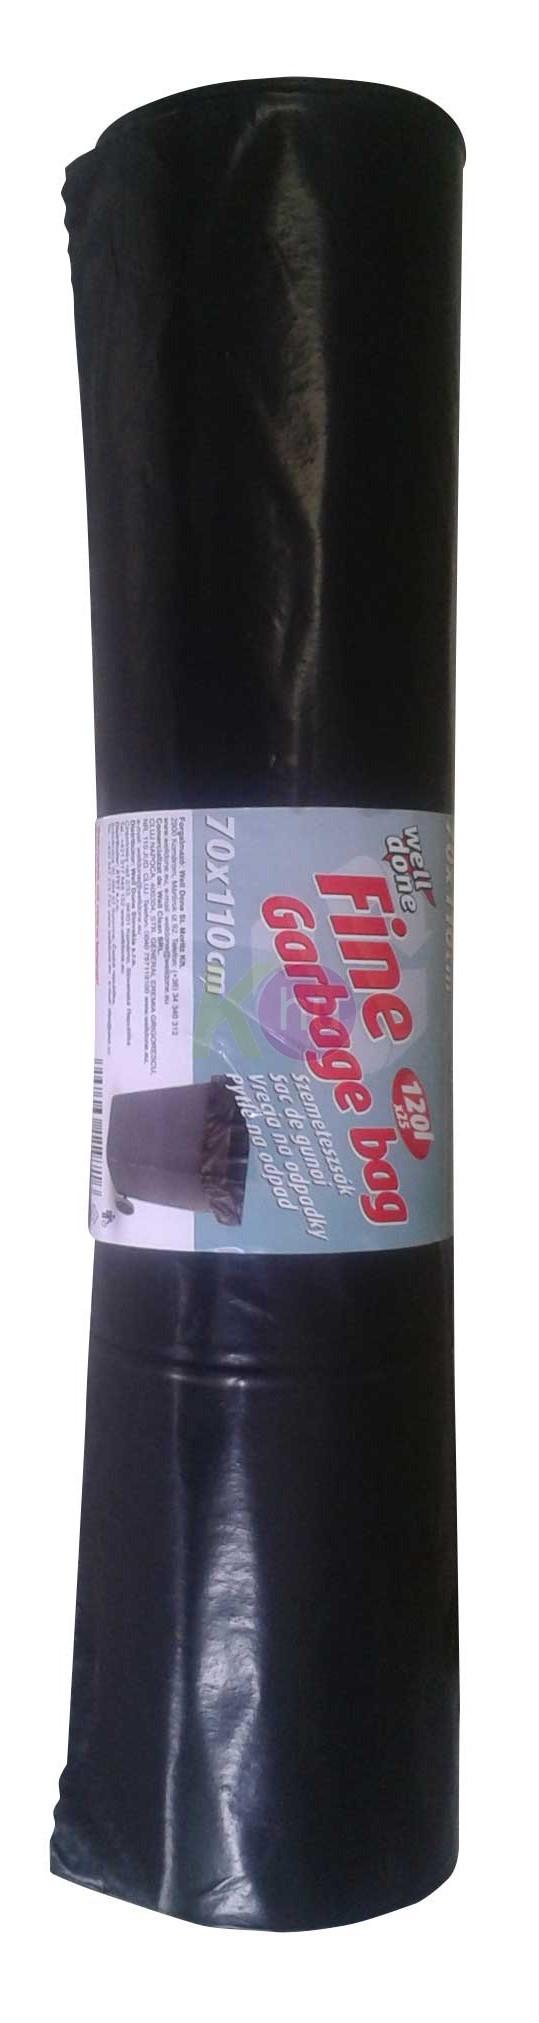 FINE szemetes 60l (20db) - H 22001205